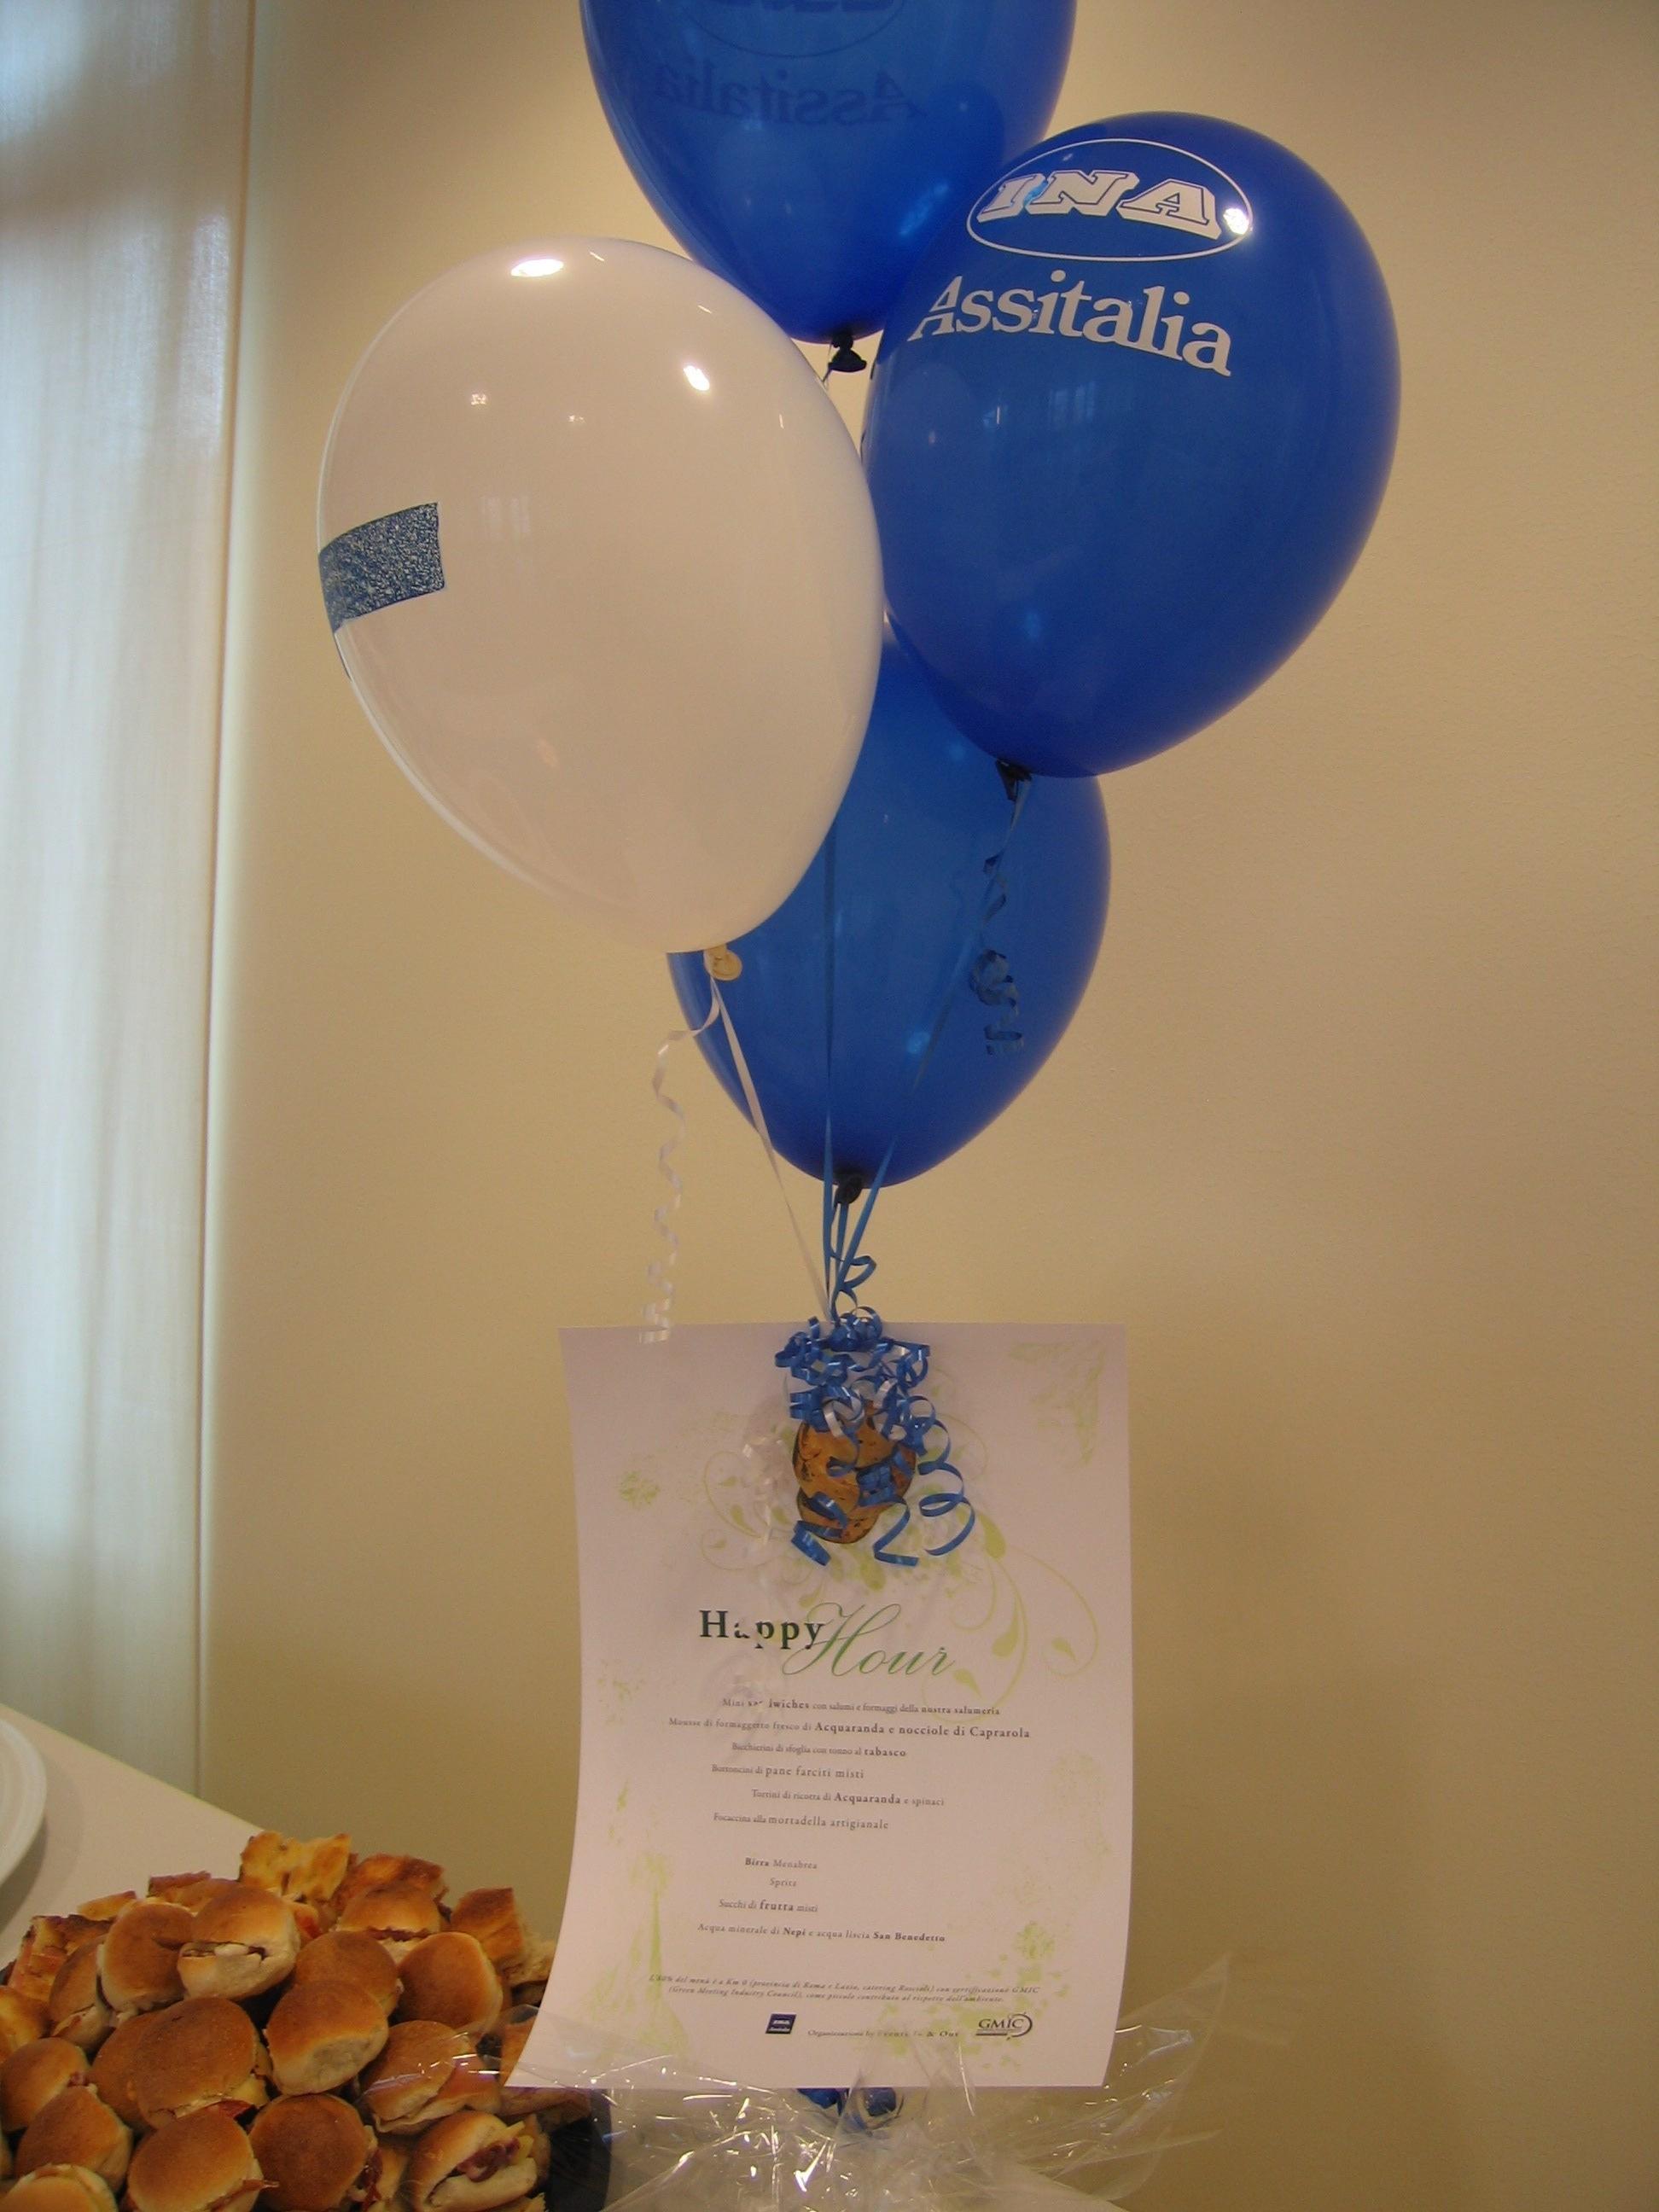 evento-inaugurazione-ina-assitalia-buffet